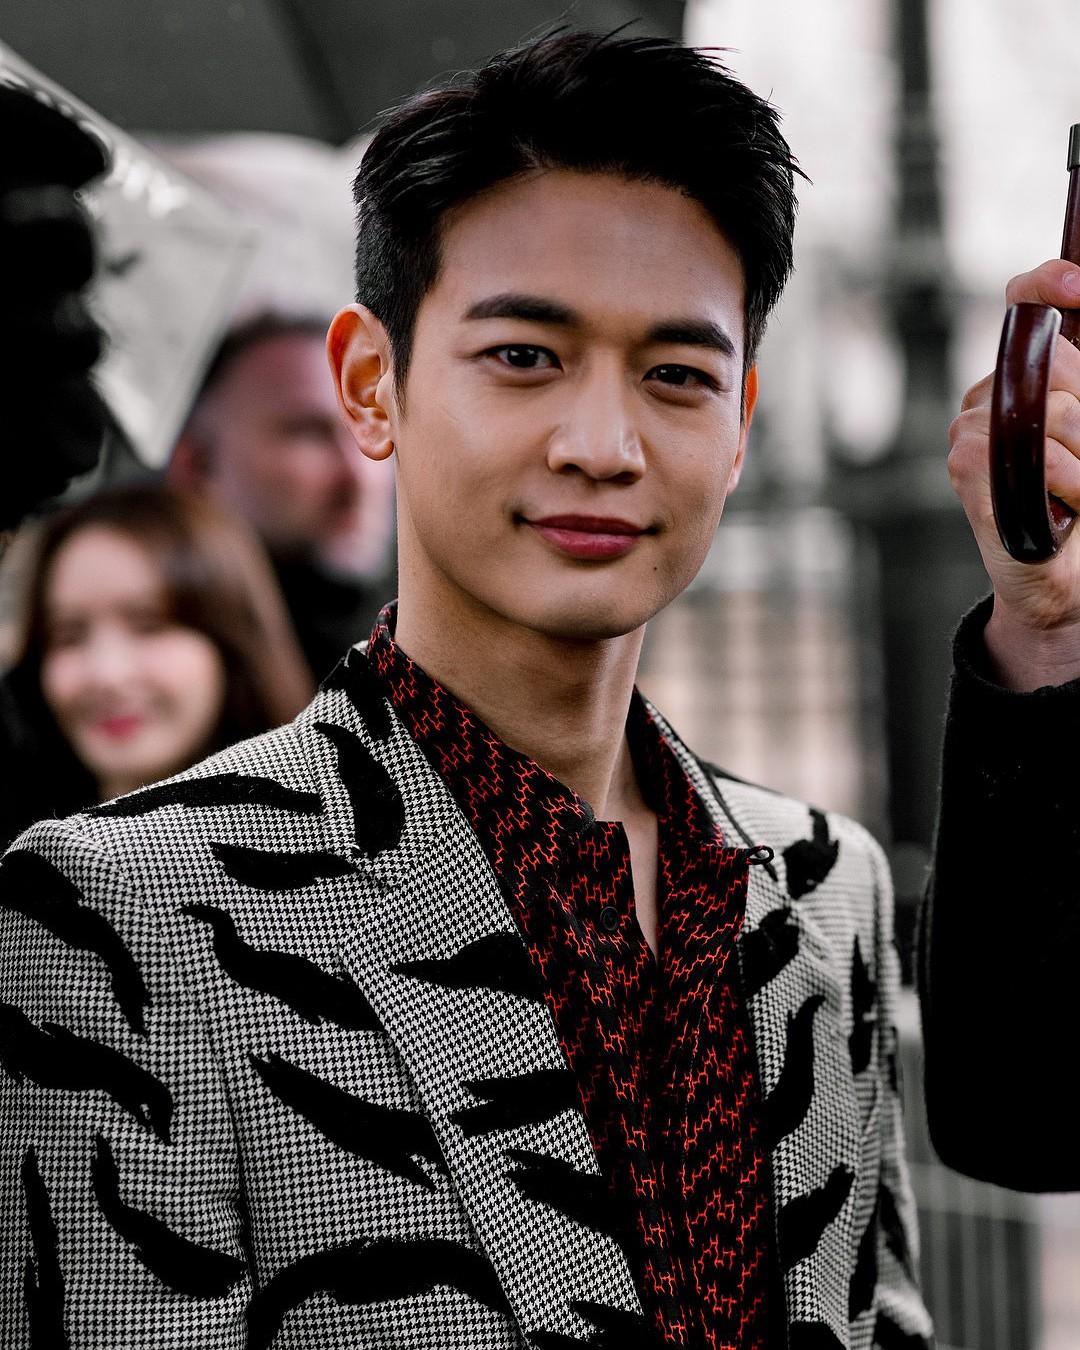 Khi siêu sao hạng A xứ Hàn dự sự kiện casino o viet nam: Người sang như ông hoàng bà hoàng, kẻ gặp sự cố nhạy cảm khó đỡ - Ảnh 25.